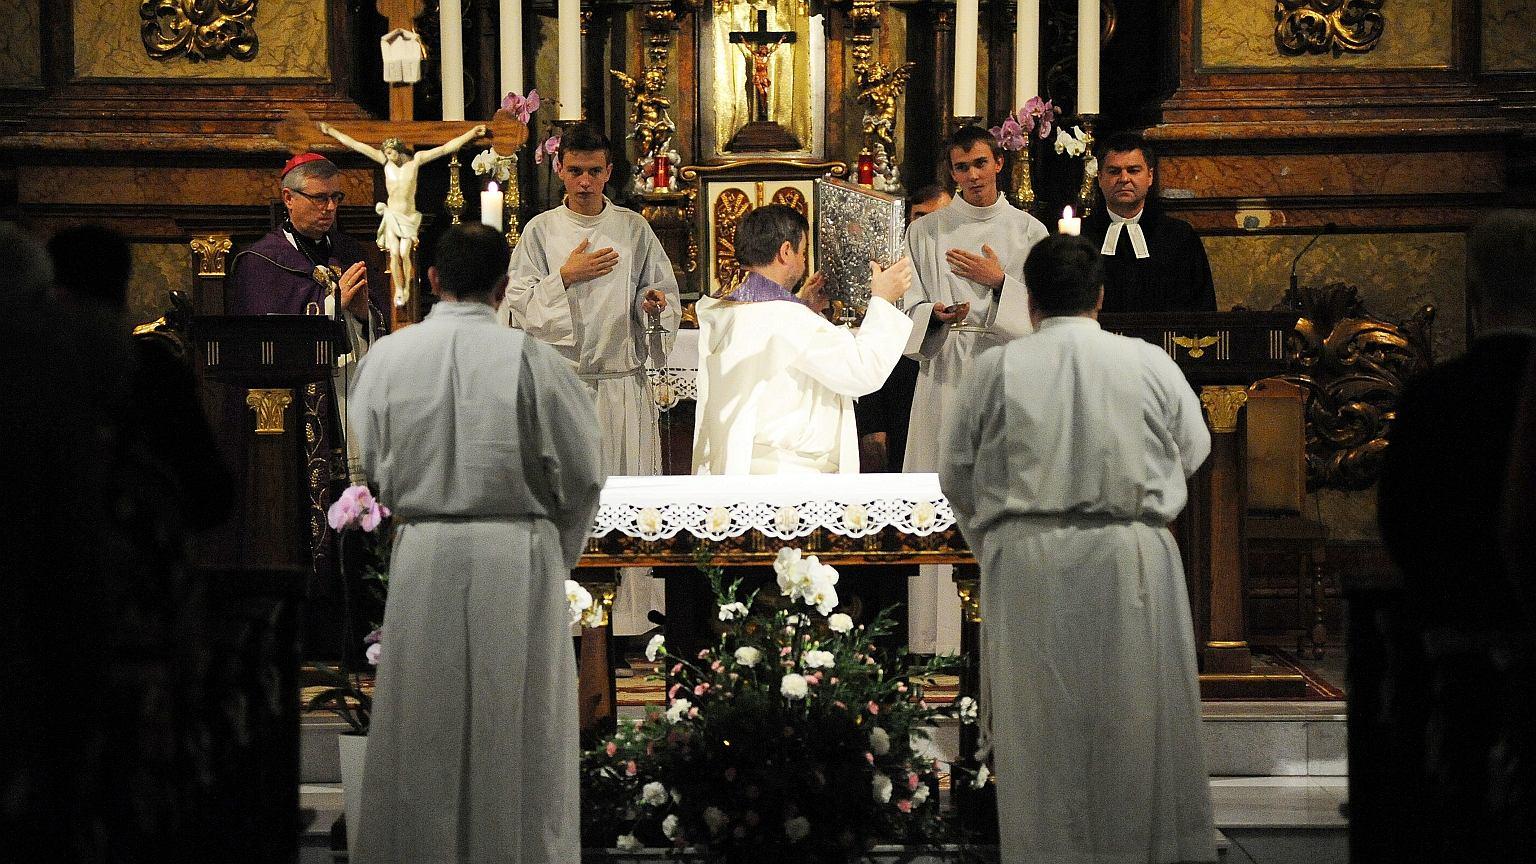 W Polsce w ostatnich 20. latach liczba wierzących zmniejszyła się o 9 proc. Na zdjęciu msza św. w kościele św. Antoniego we Wrocławiu